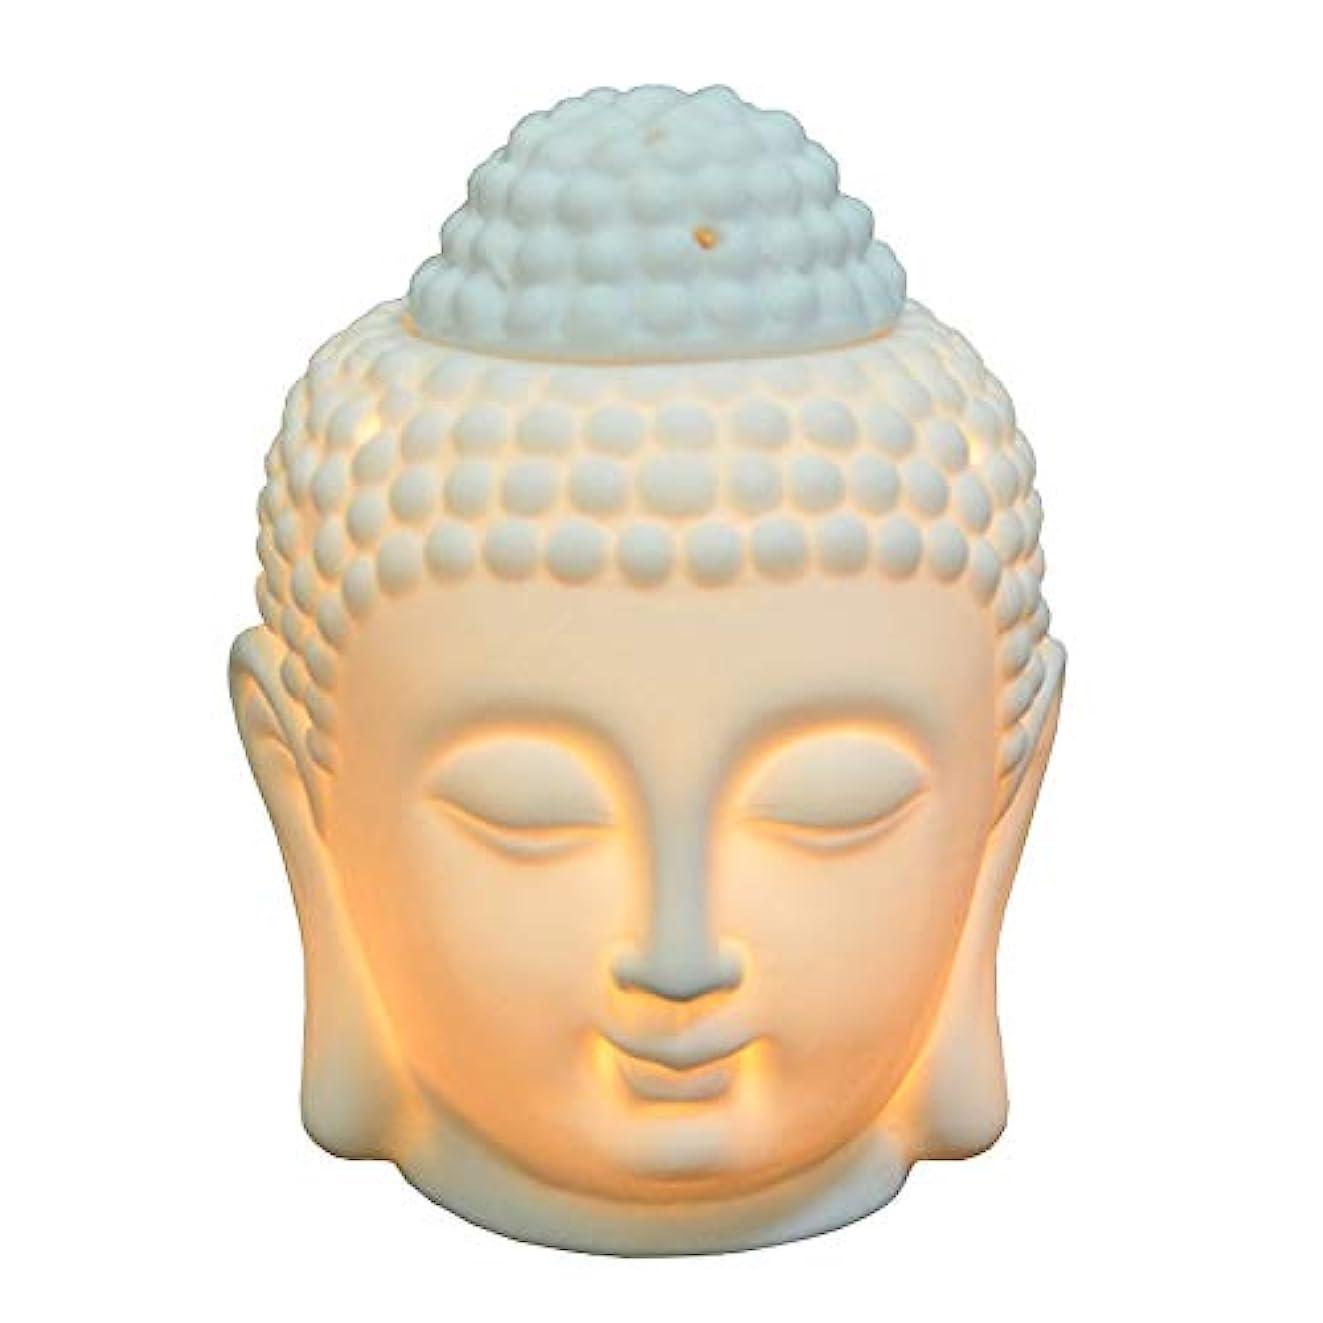 貝殻貫通寄託仏頭像オイルバーナー半透明セラミックアロマディフューザー家の装飾